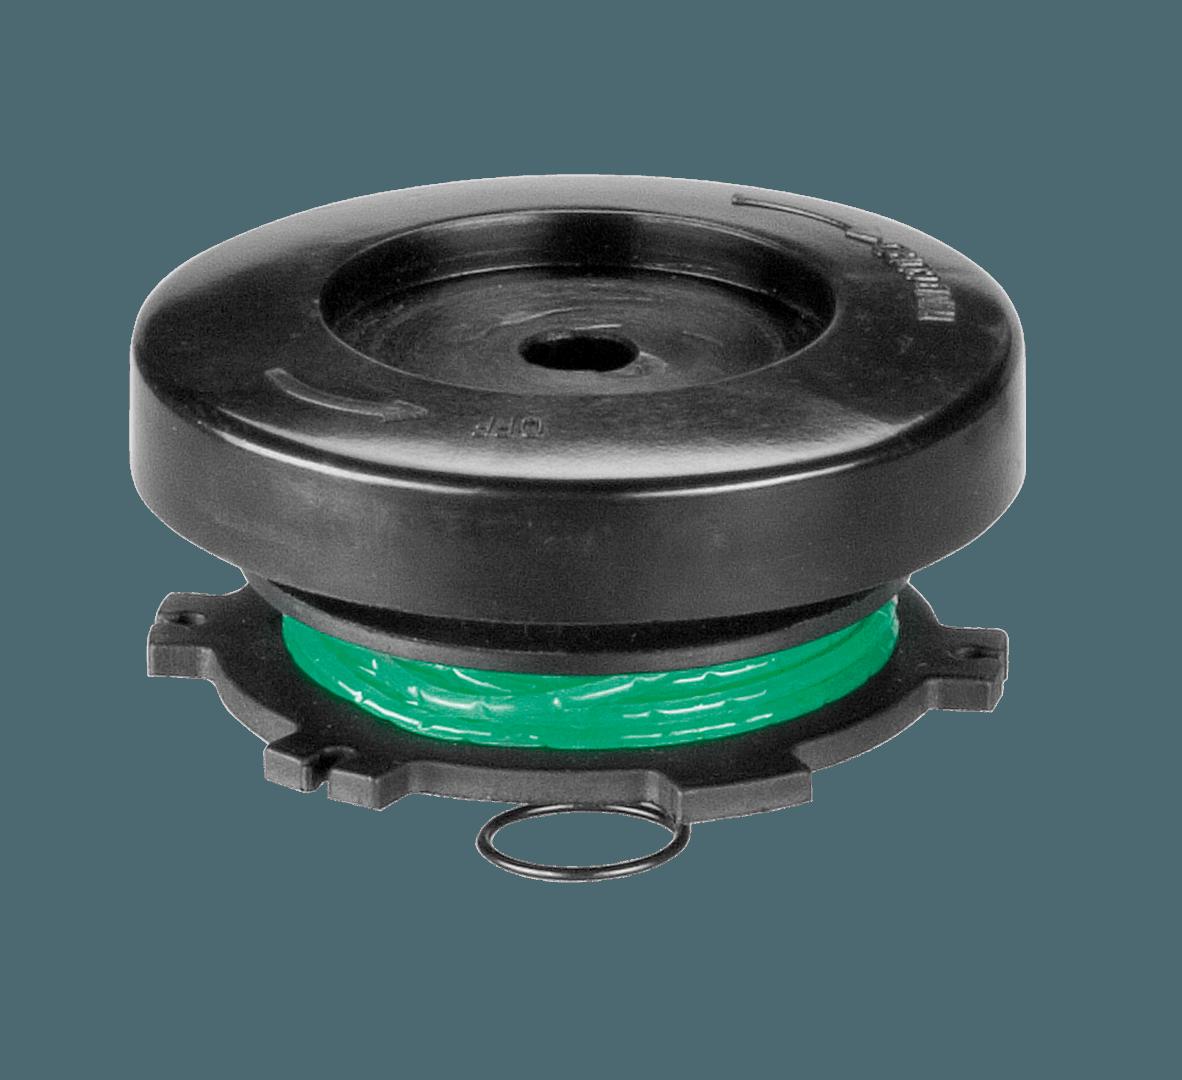 Reservedraadspoel voor Turbotrimmers ProCut 800 en 1000